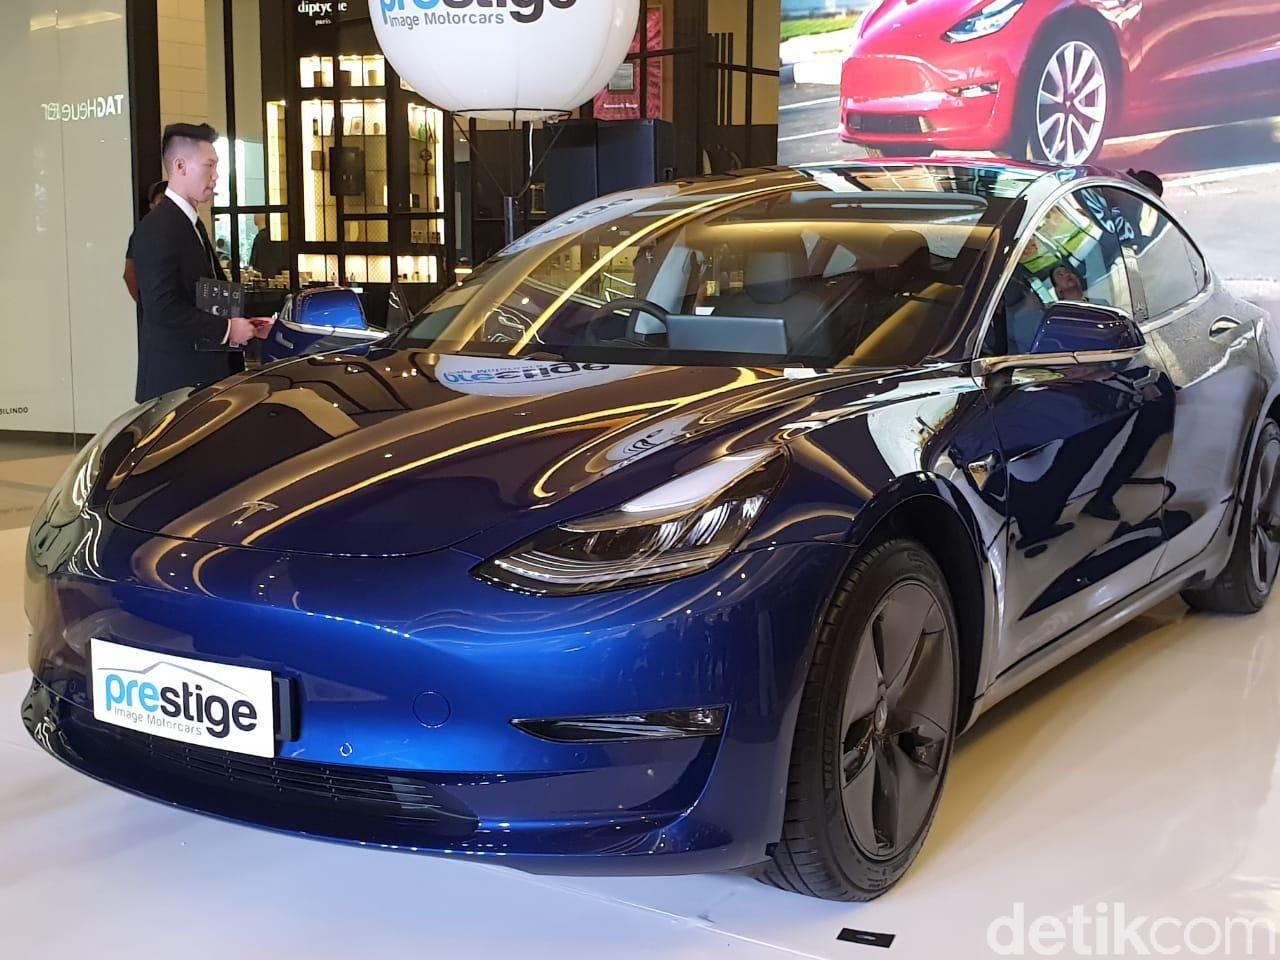 n di IndonesiaJakarta - Prestige Motorcars kembali memperkenalkan line up kendaraan ramah lingkungannya. Kali mobil yang dibawa oleh importir umum tersebut adalah Tesla Model 3. Model 3 adalah varian paling terjangkau dari lini Tesla yang ada saat ini.